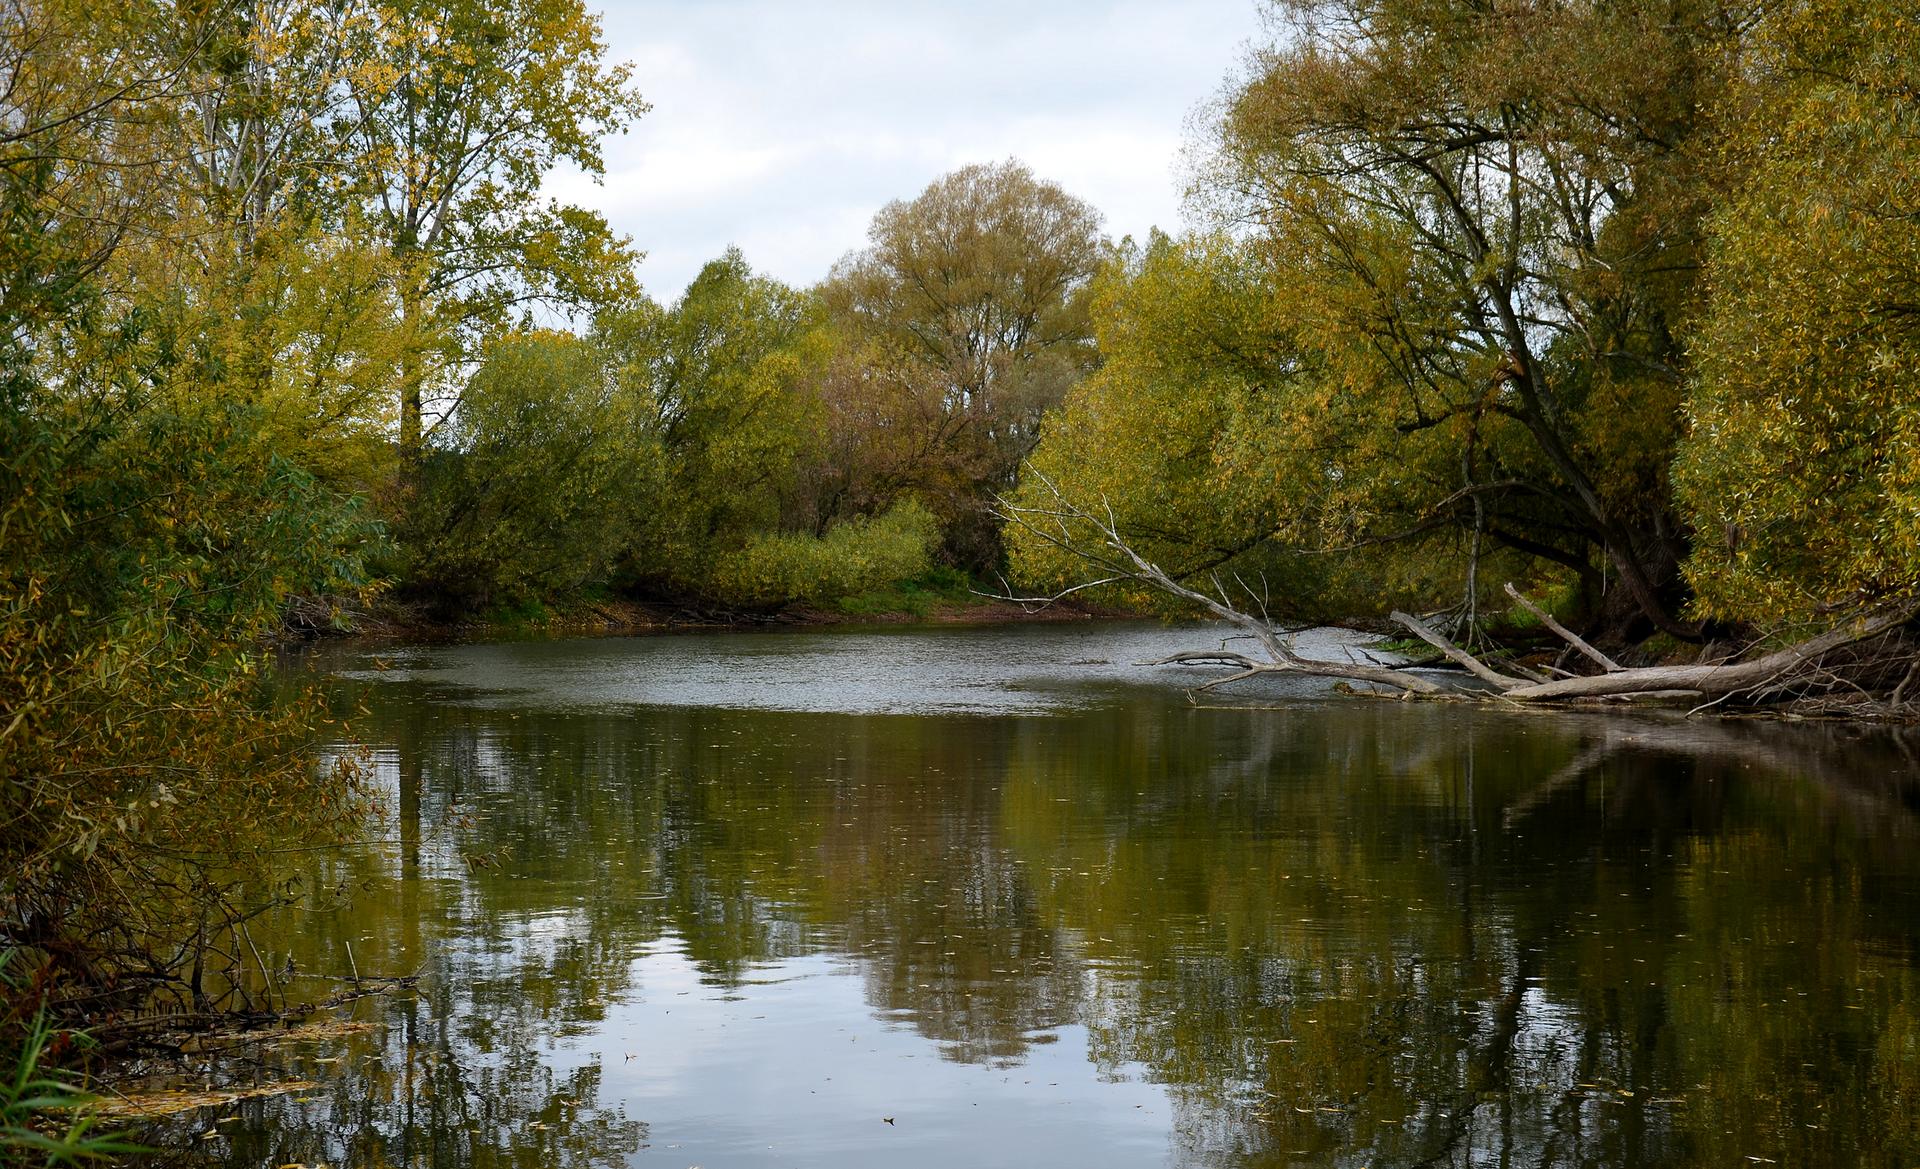 Fotografia przedstawia szeroko płynącą rzekę. Jej brzegi są porośnięte drzewami, odbijającymi się wwodzie. To rezerwat wodny Rzeka Drwęca wwojewództwie warmińsko – mazurskim. Jest miejscem ochrony rzadkich gatunków ryb.